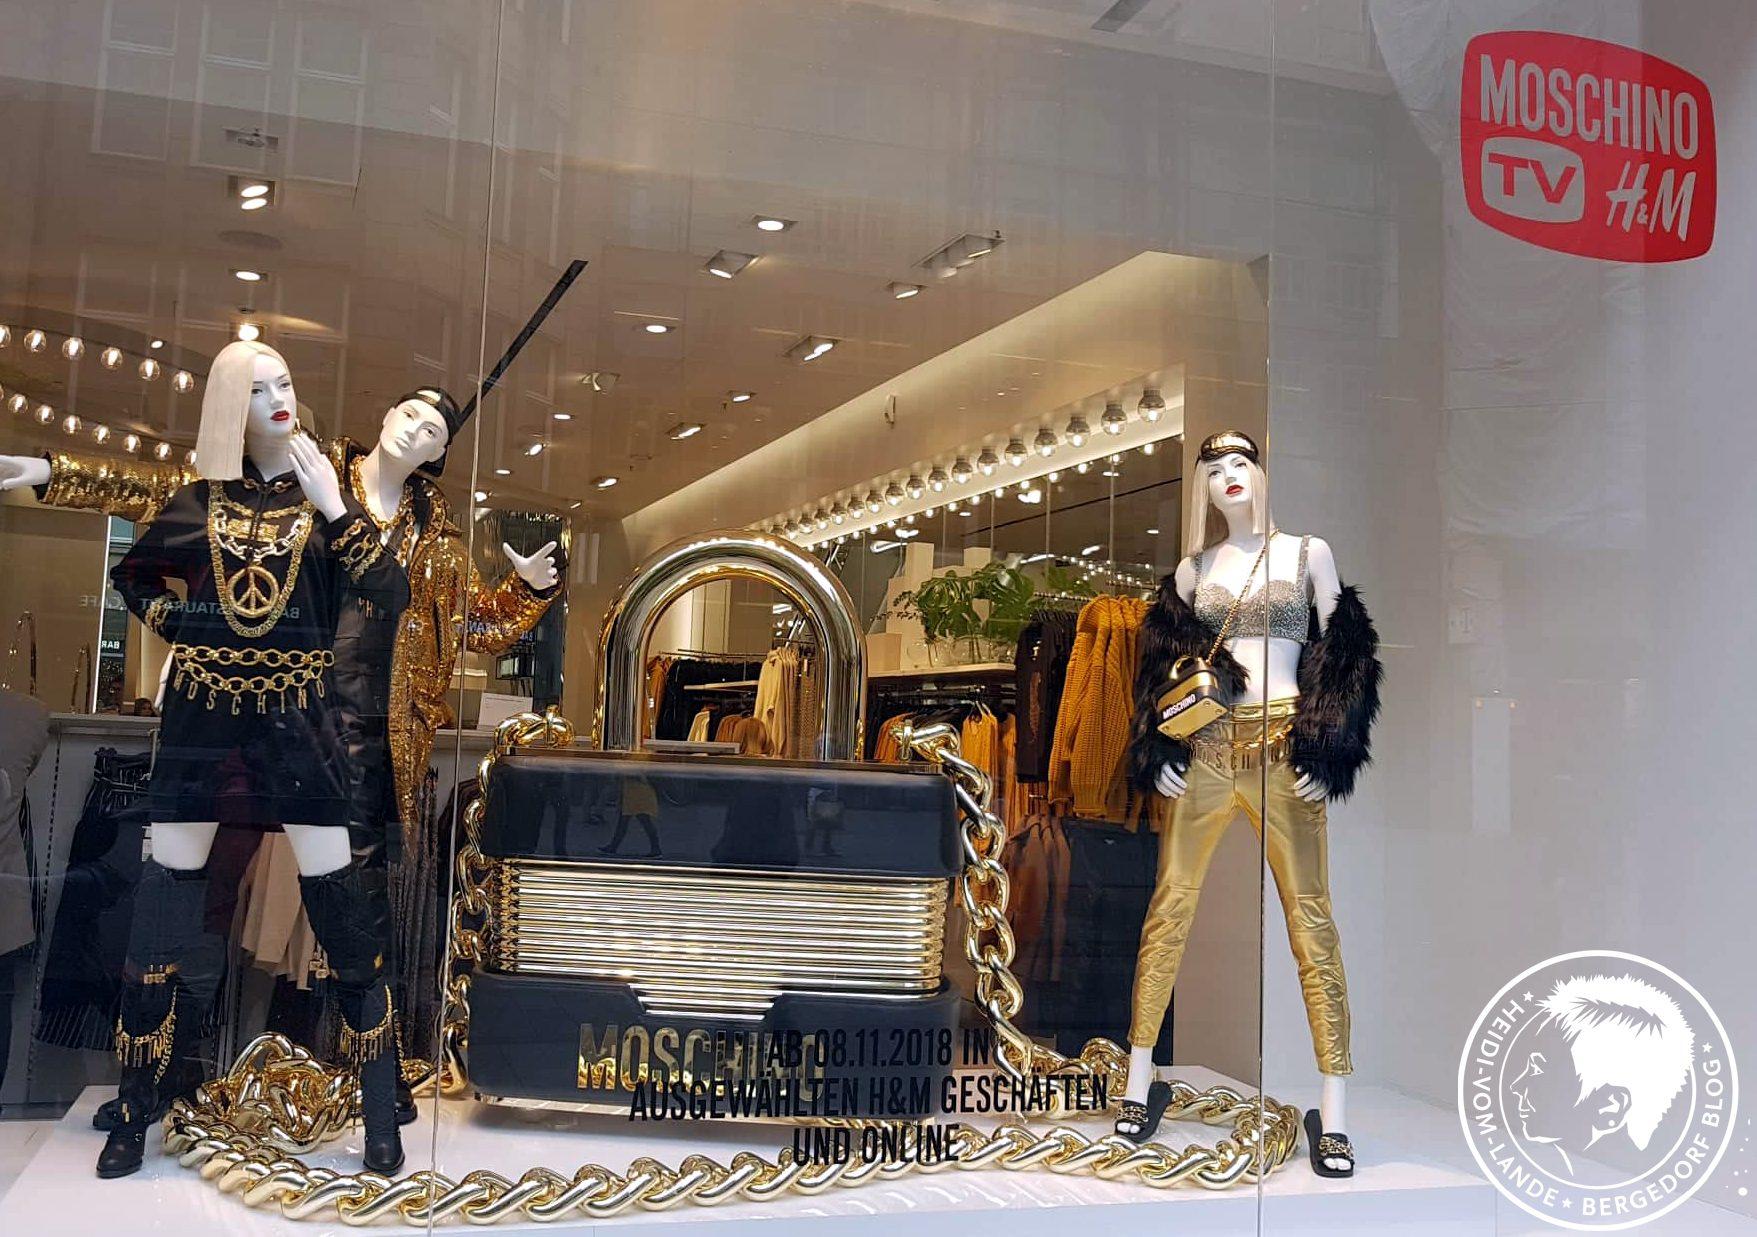 Love Moschino, H&M, Designerkollektion, Haute-Couture-Kollaboration, Jeremy Scott, Moschino, Fashionrebell, Hamburg, Spitaler Straße, Avangardistisch, Fashion, Mode, Insider, Heidi vom Lande